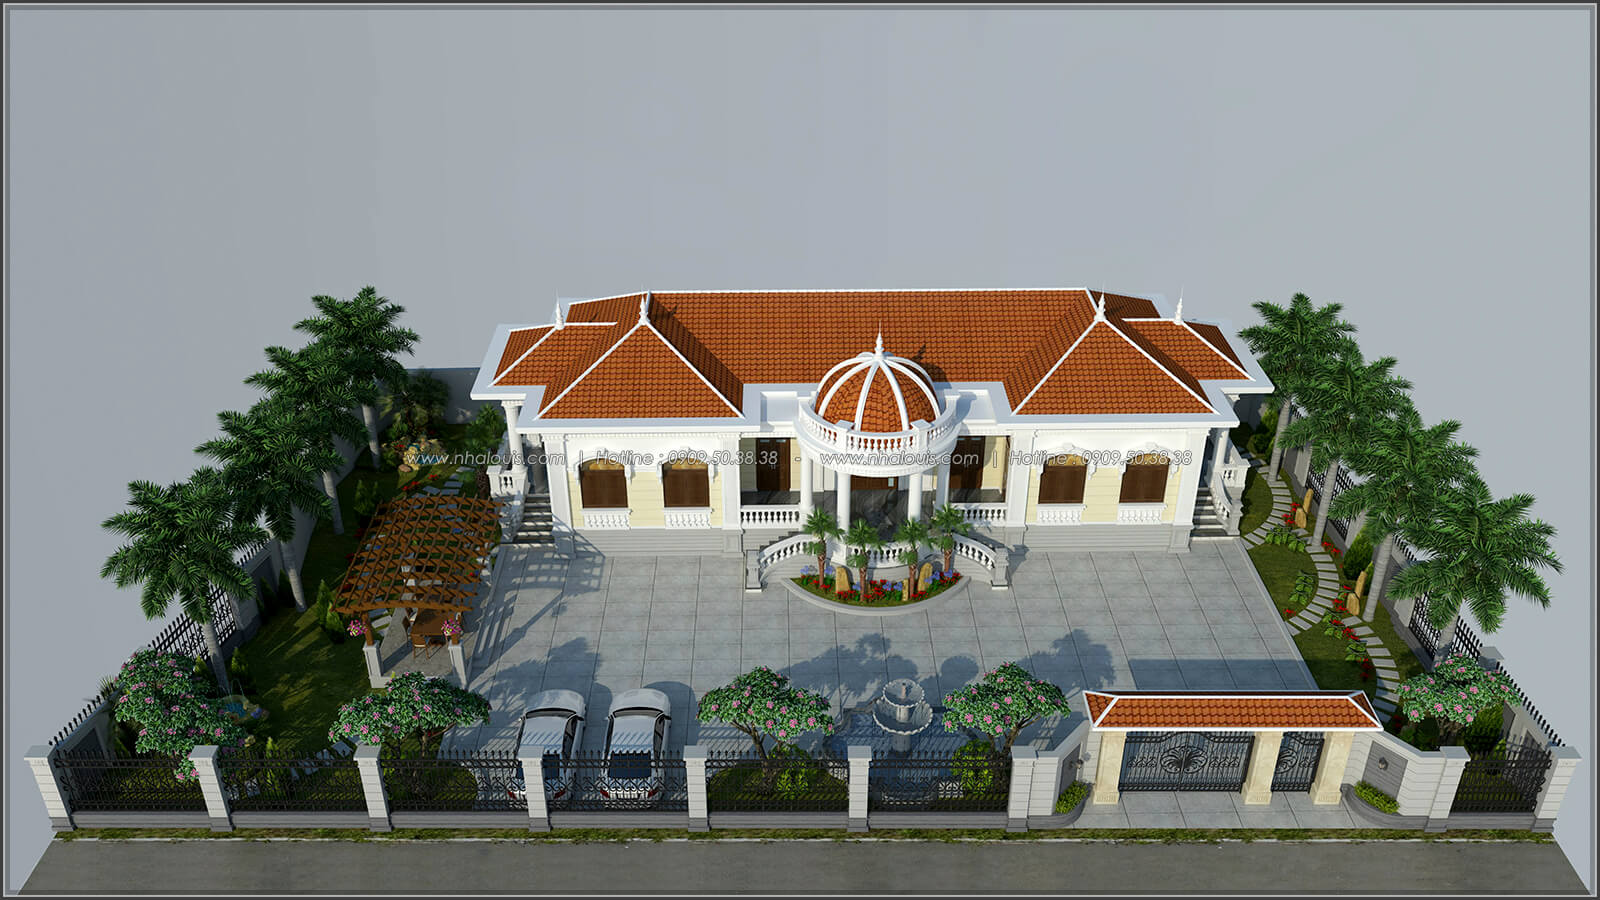 Mặt tiền Vẻ đẹp giản đơn của ngôi biệt thự 1 tầng 3 phòng ngủ tại xứ dừa Bến Tre - 1